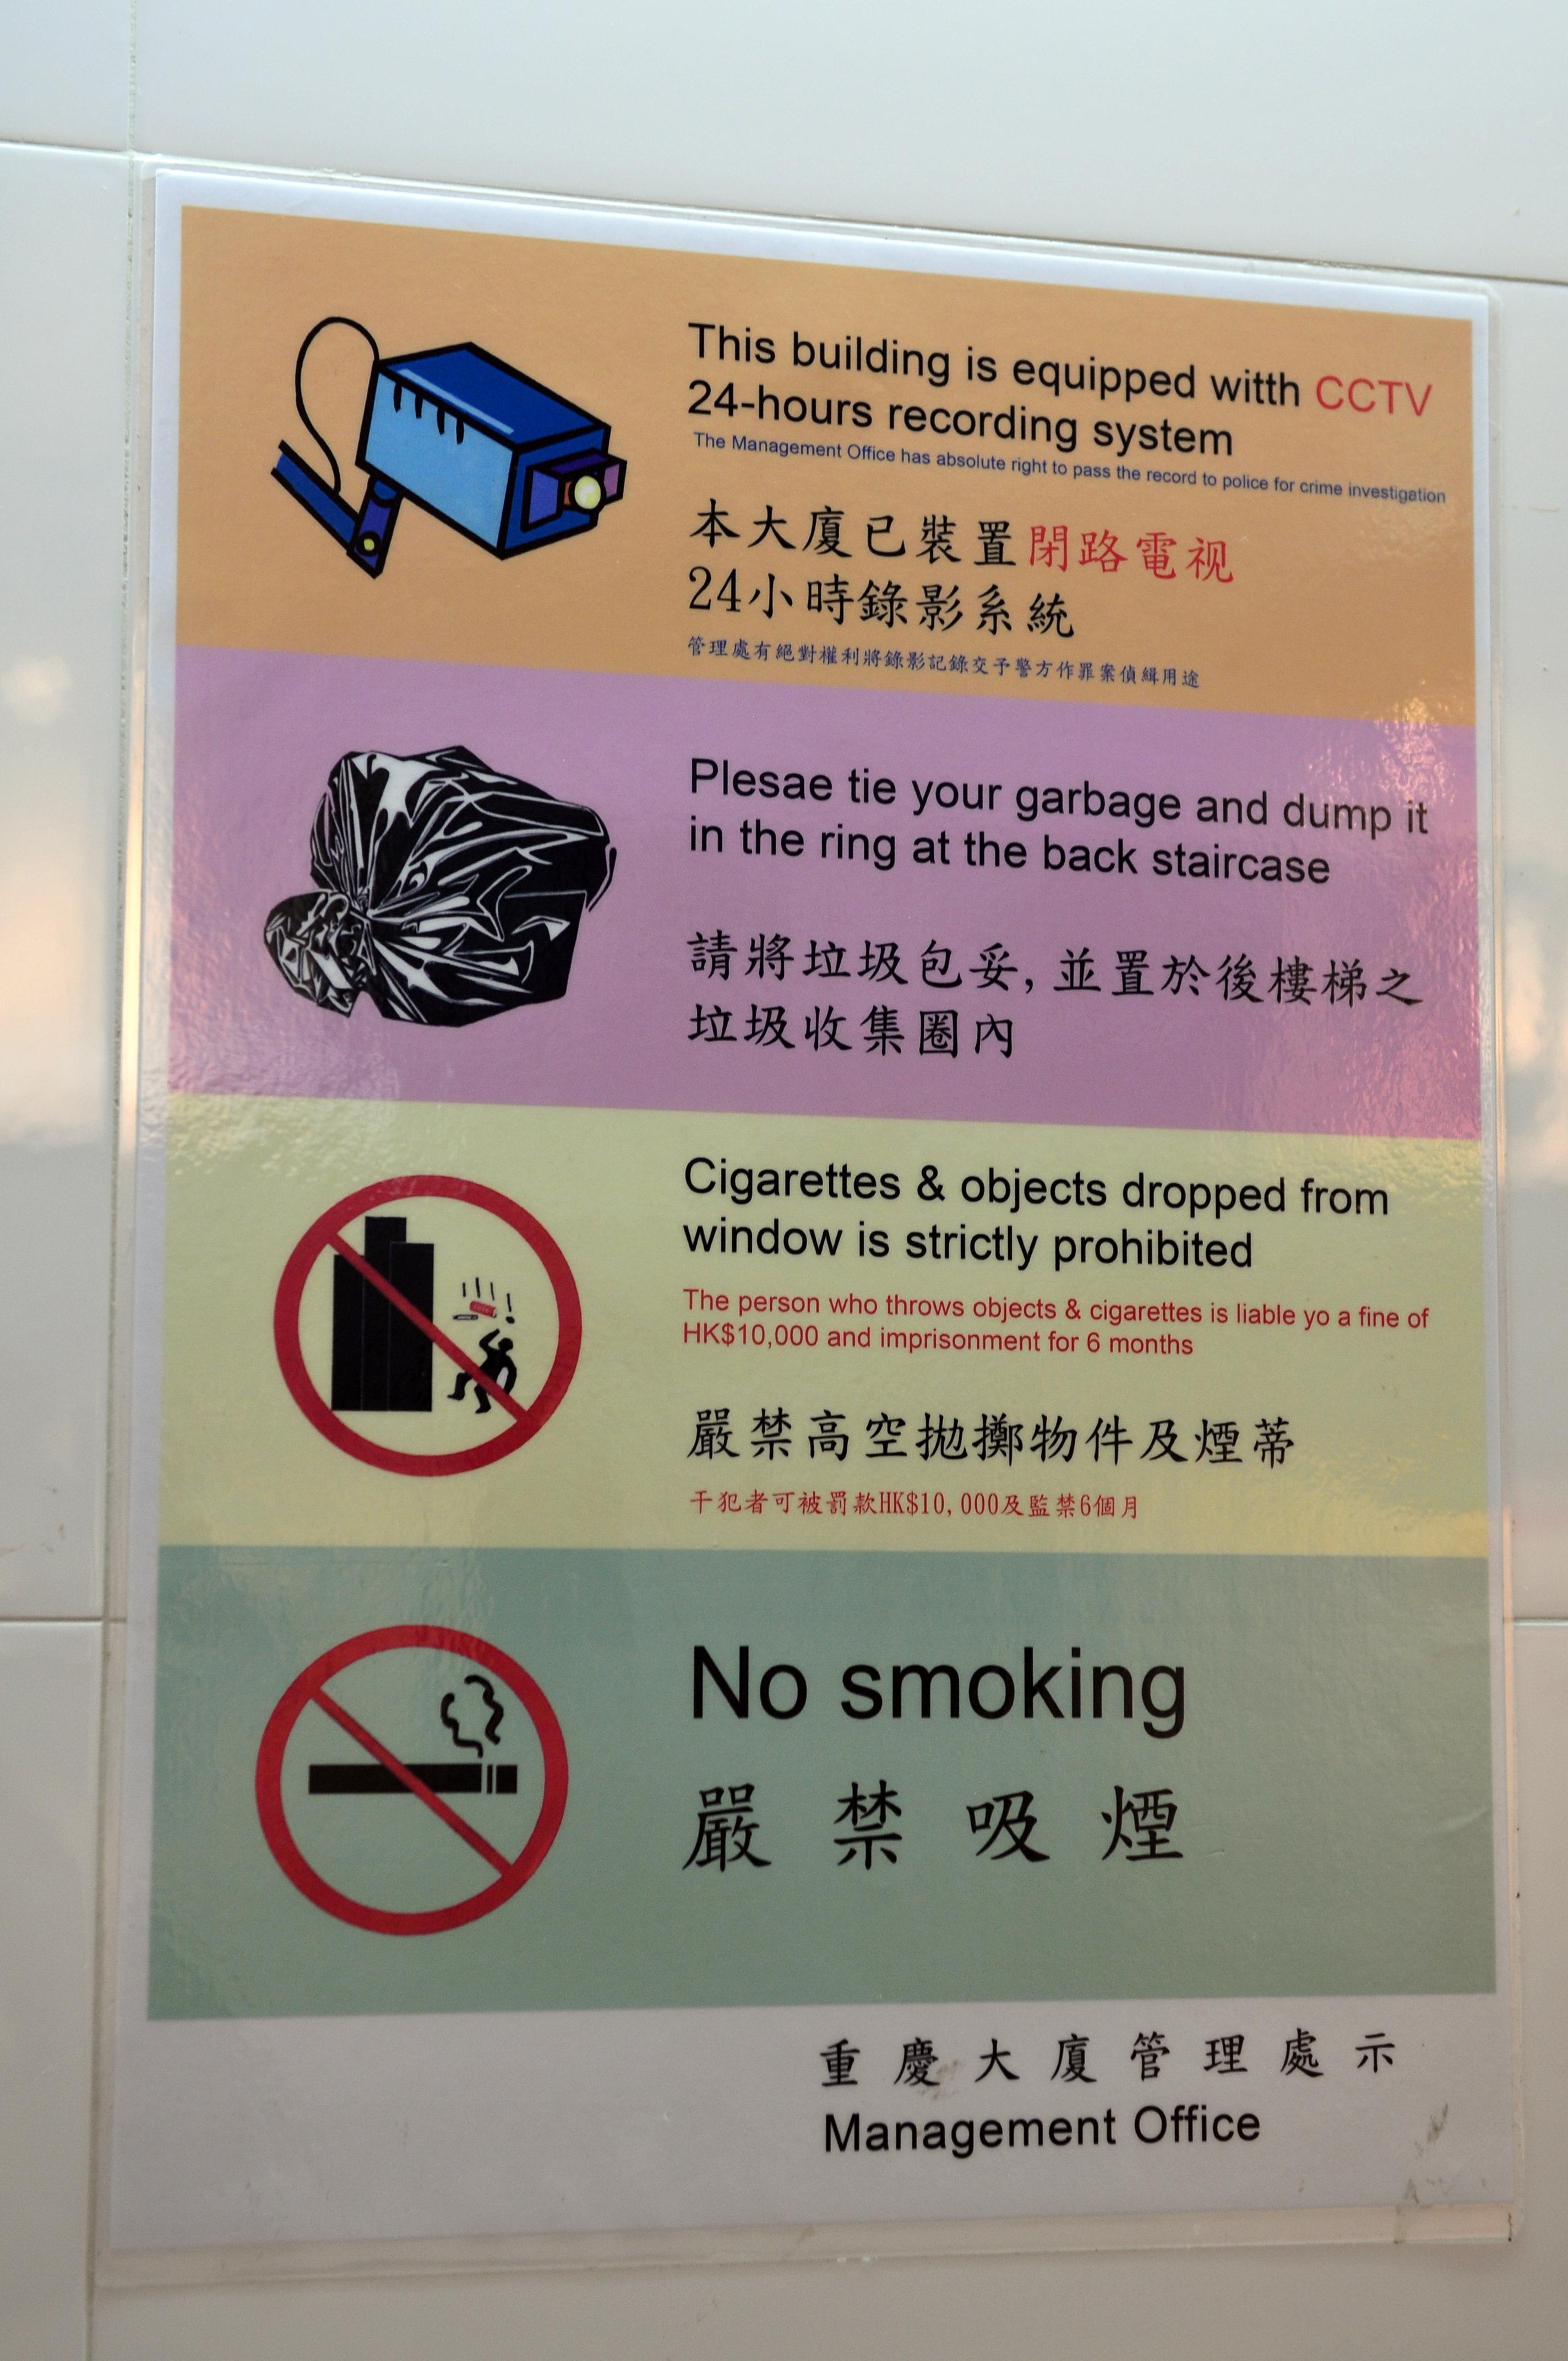 13-08-11-hongkong-chungking-mansions-01.jpg